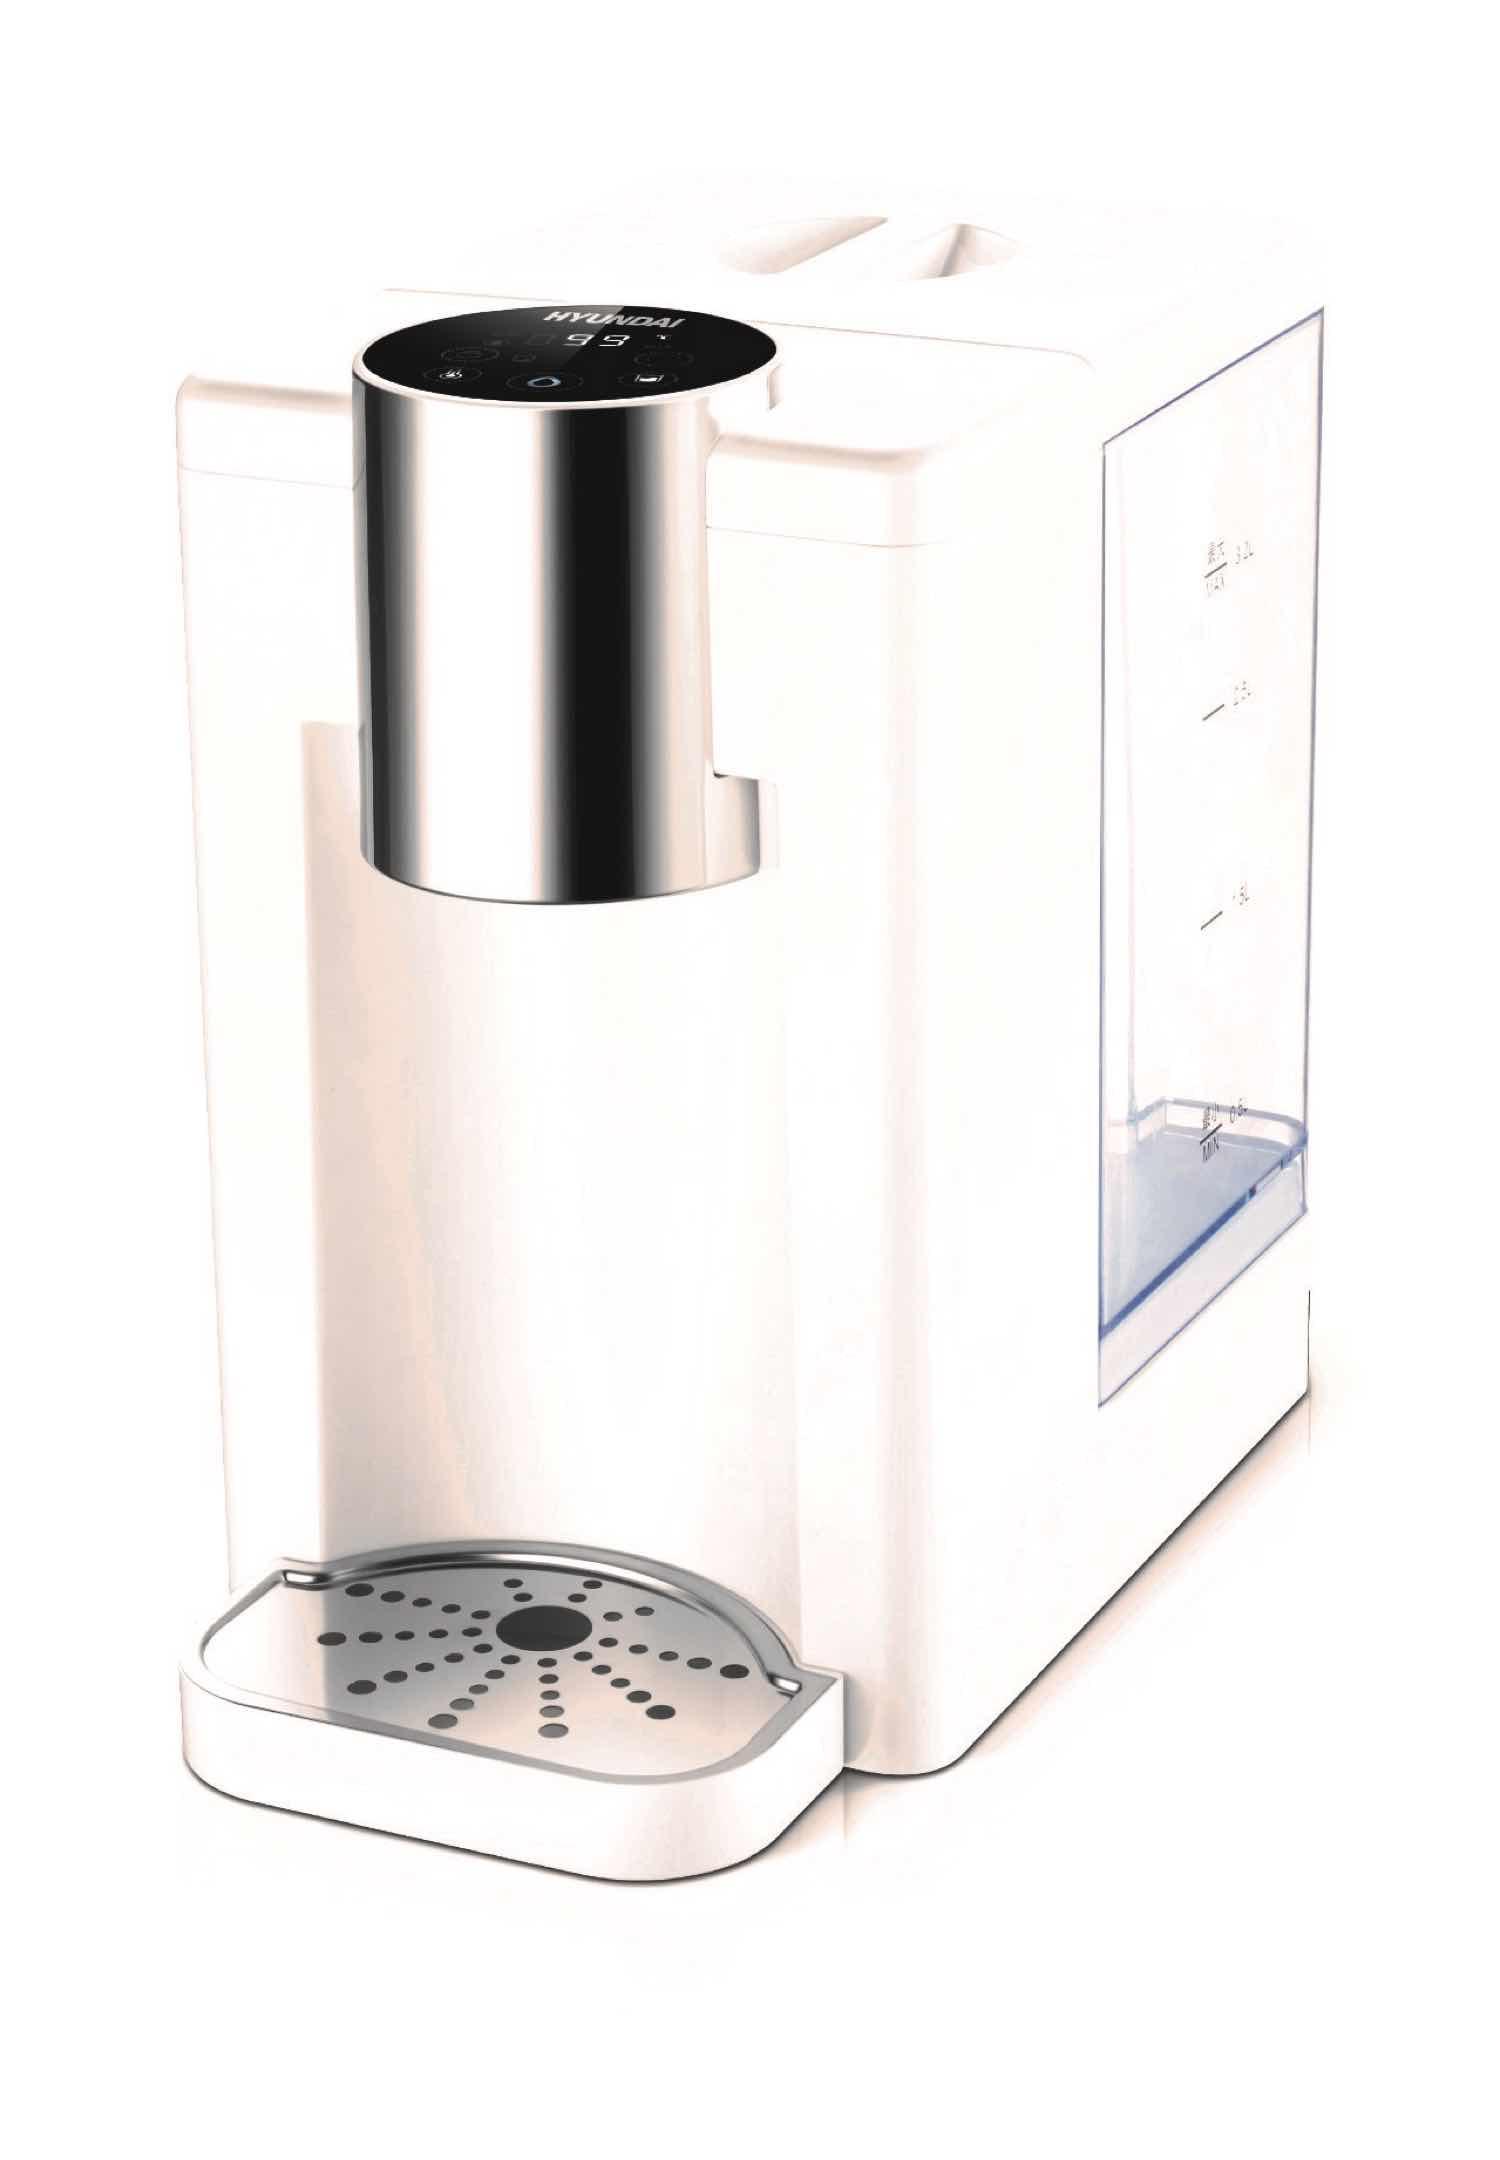 5 秒出熱水、分離式複合濾芯 韓國 Hyundai 即熱式水機 HY-2229G